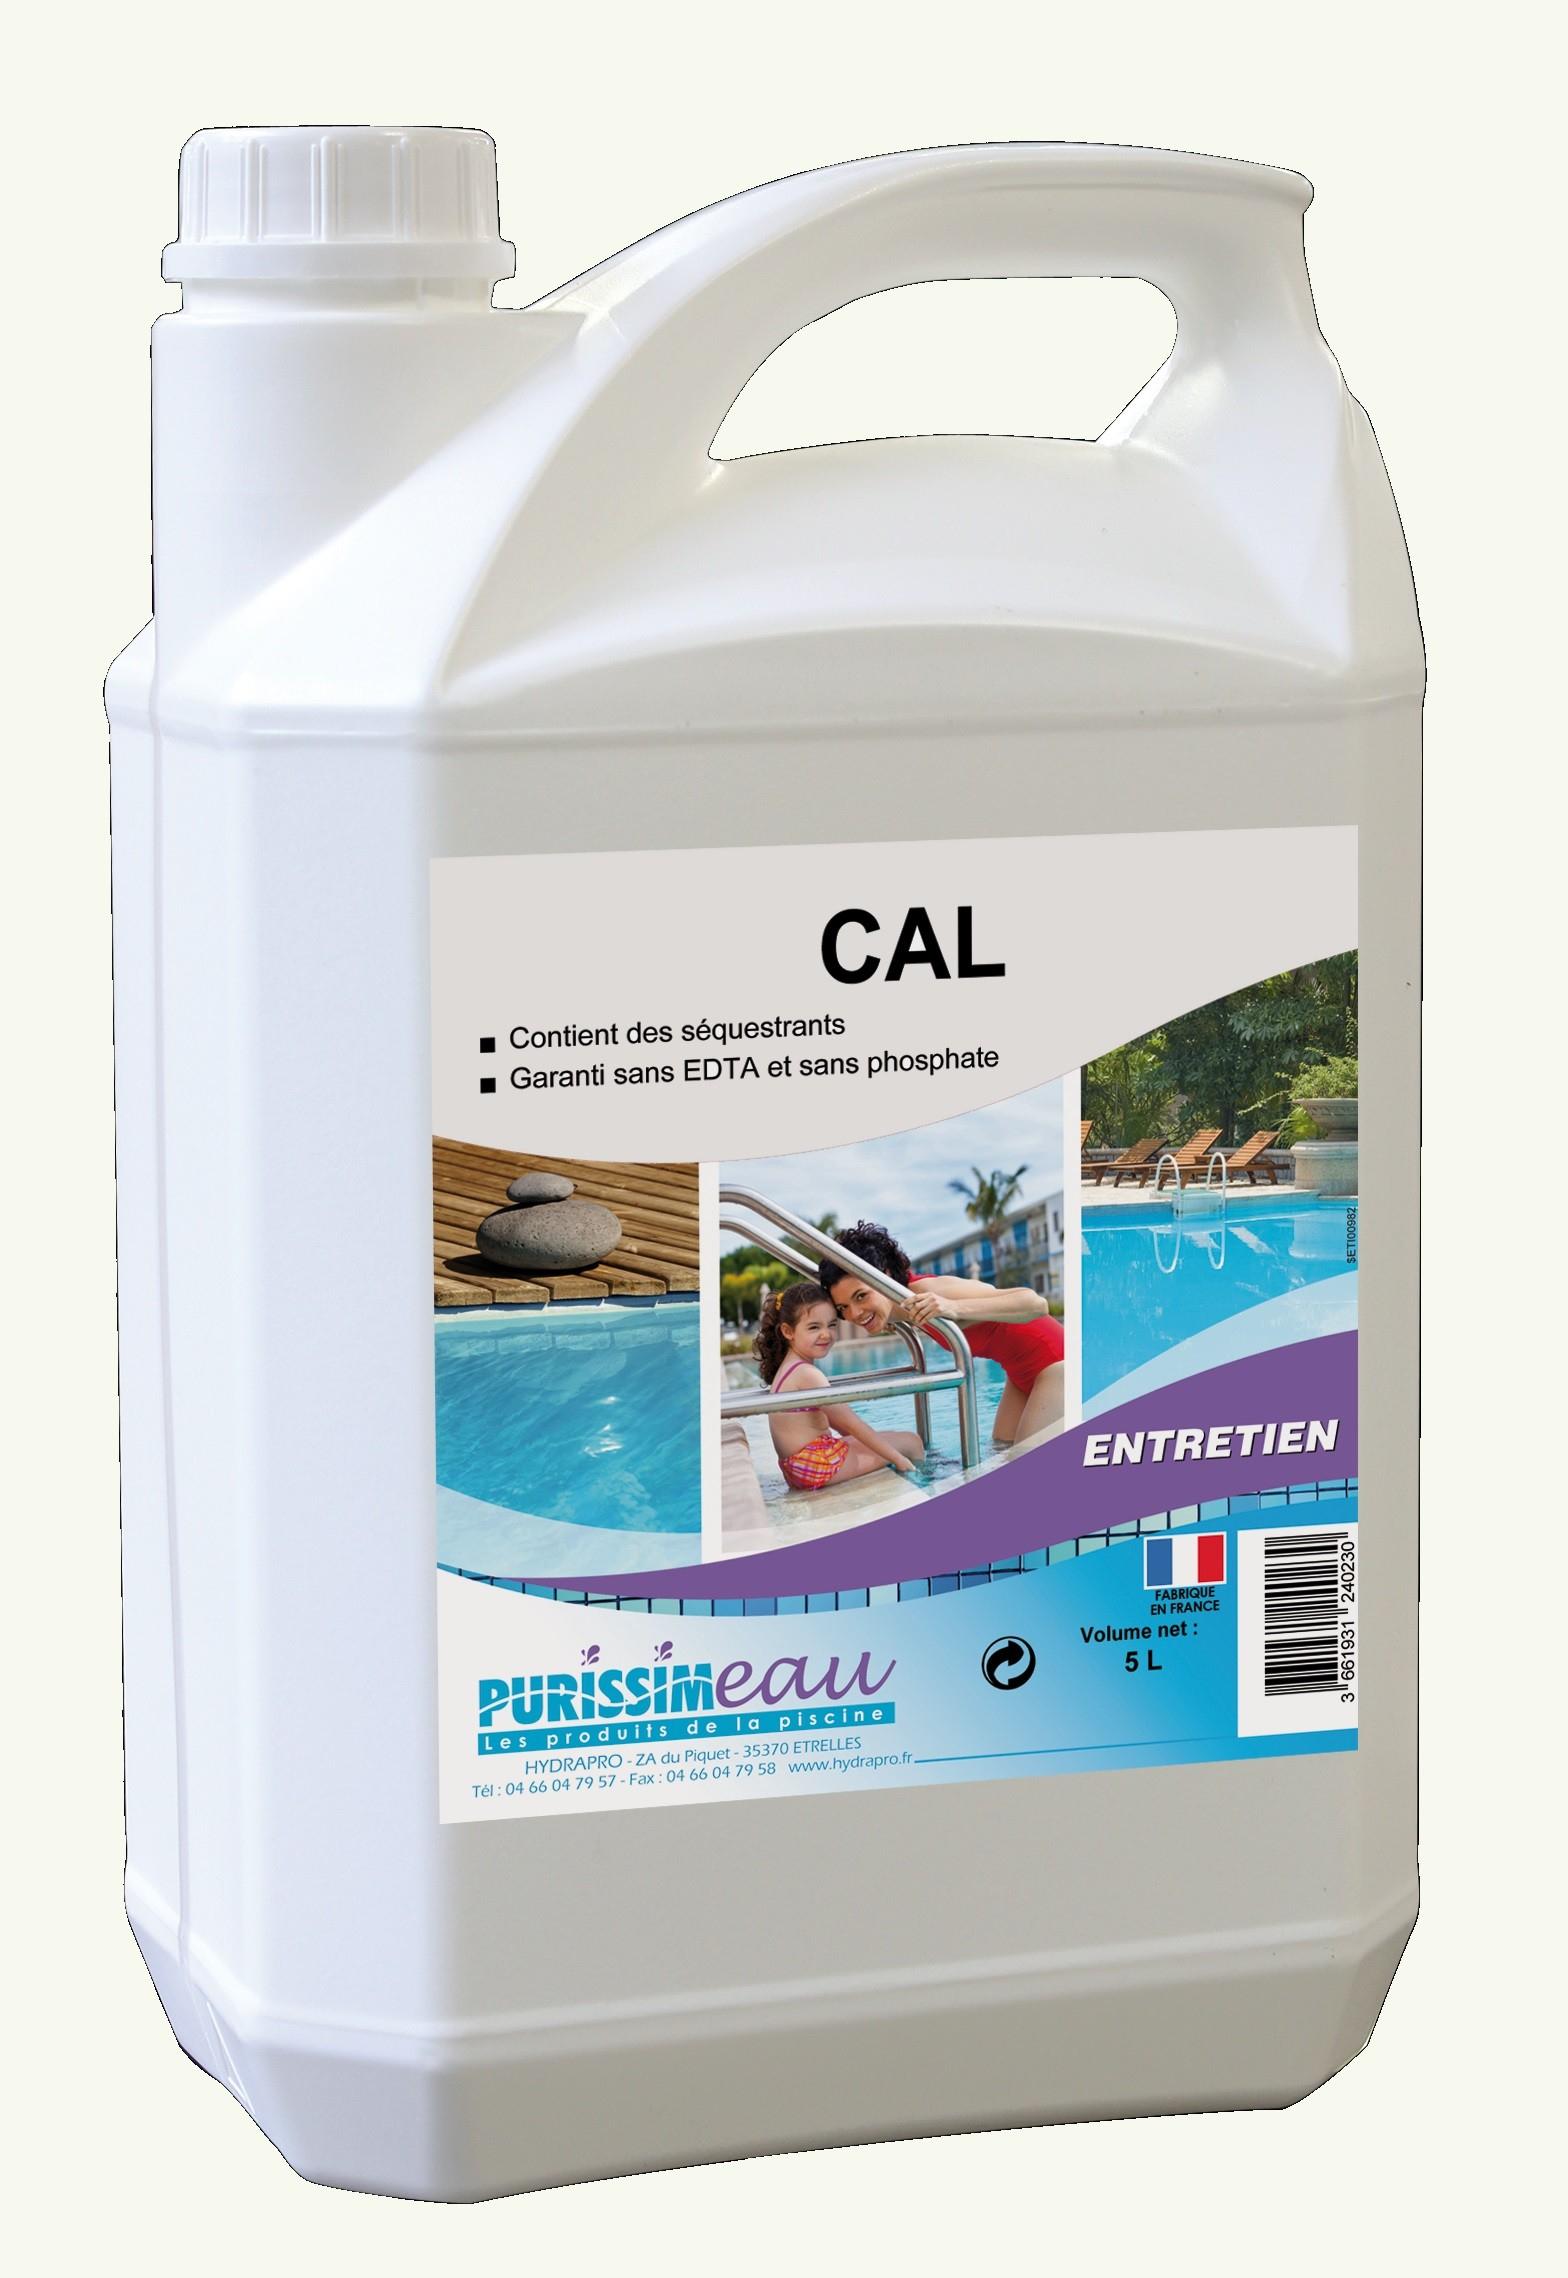 Anticalcaire Puissant Piscine Purissim'eau Cal 5L tout Produit Anti Calcaire Piscine